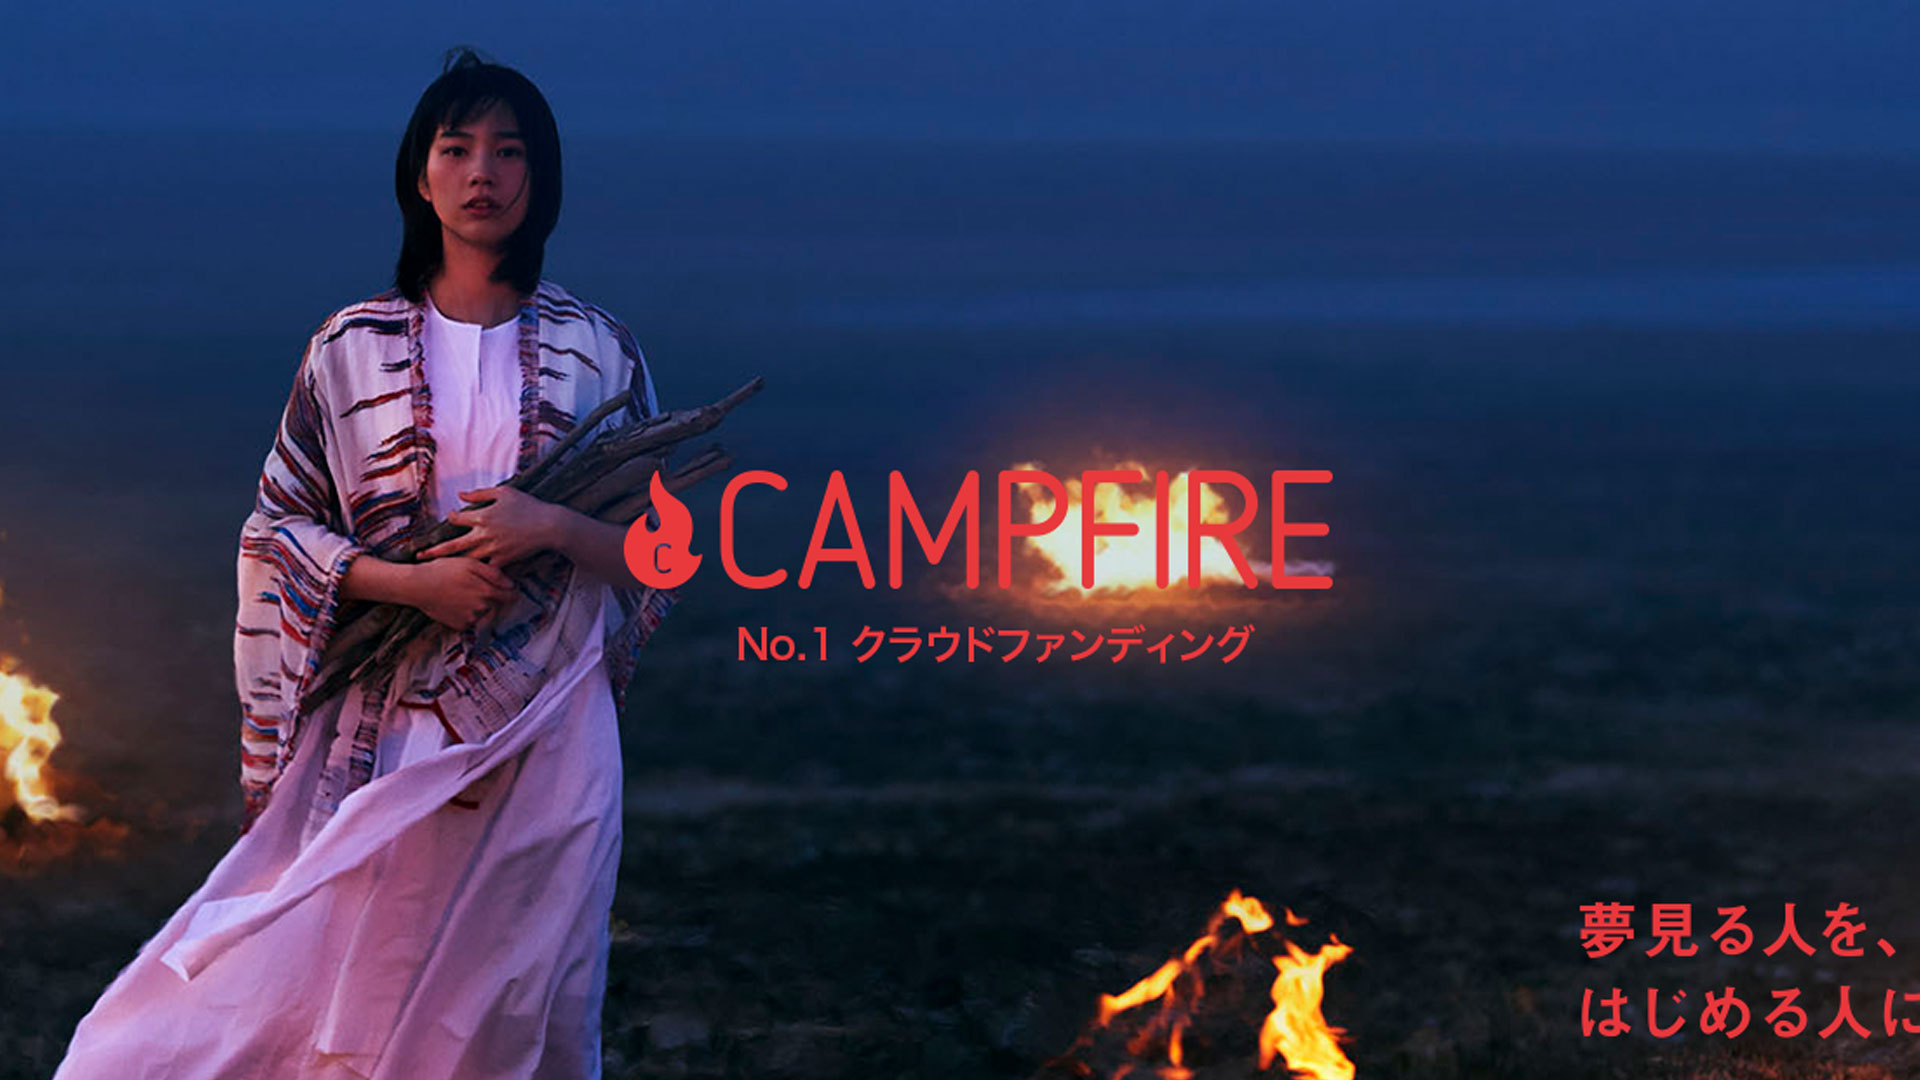 【のん出演 CAMPFIREのテレビCM放映開始】他、新着トレンド4月18日